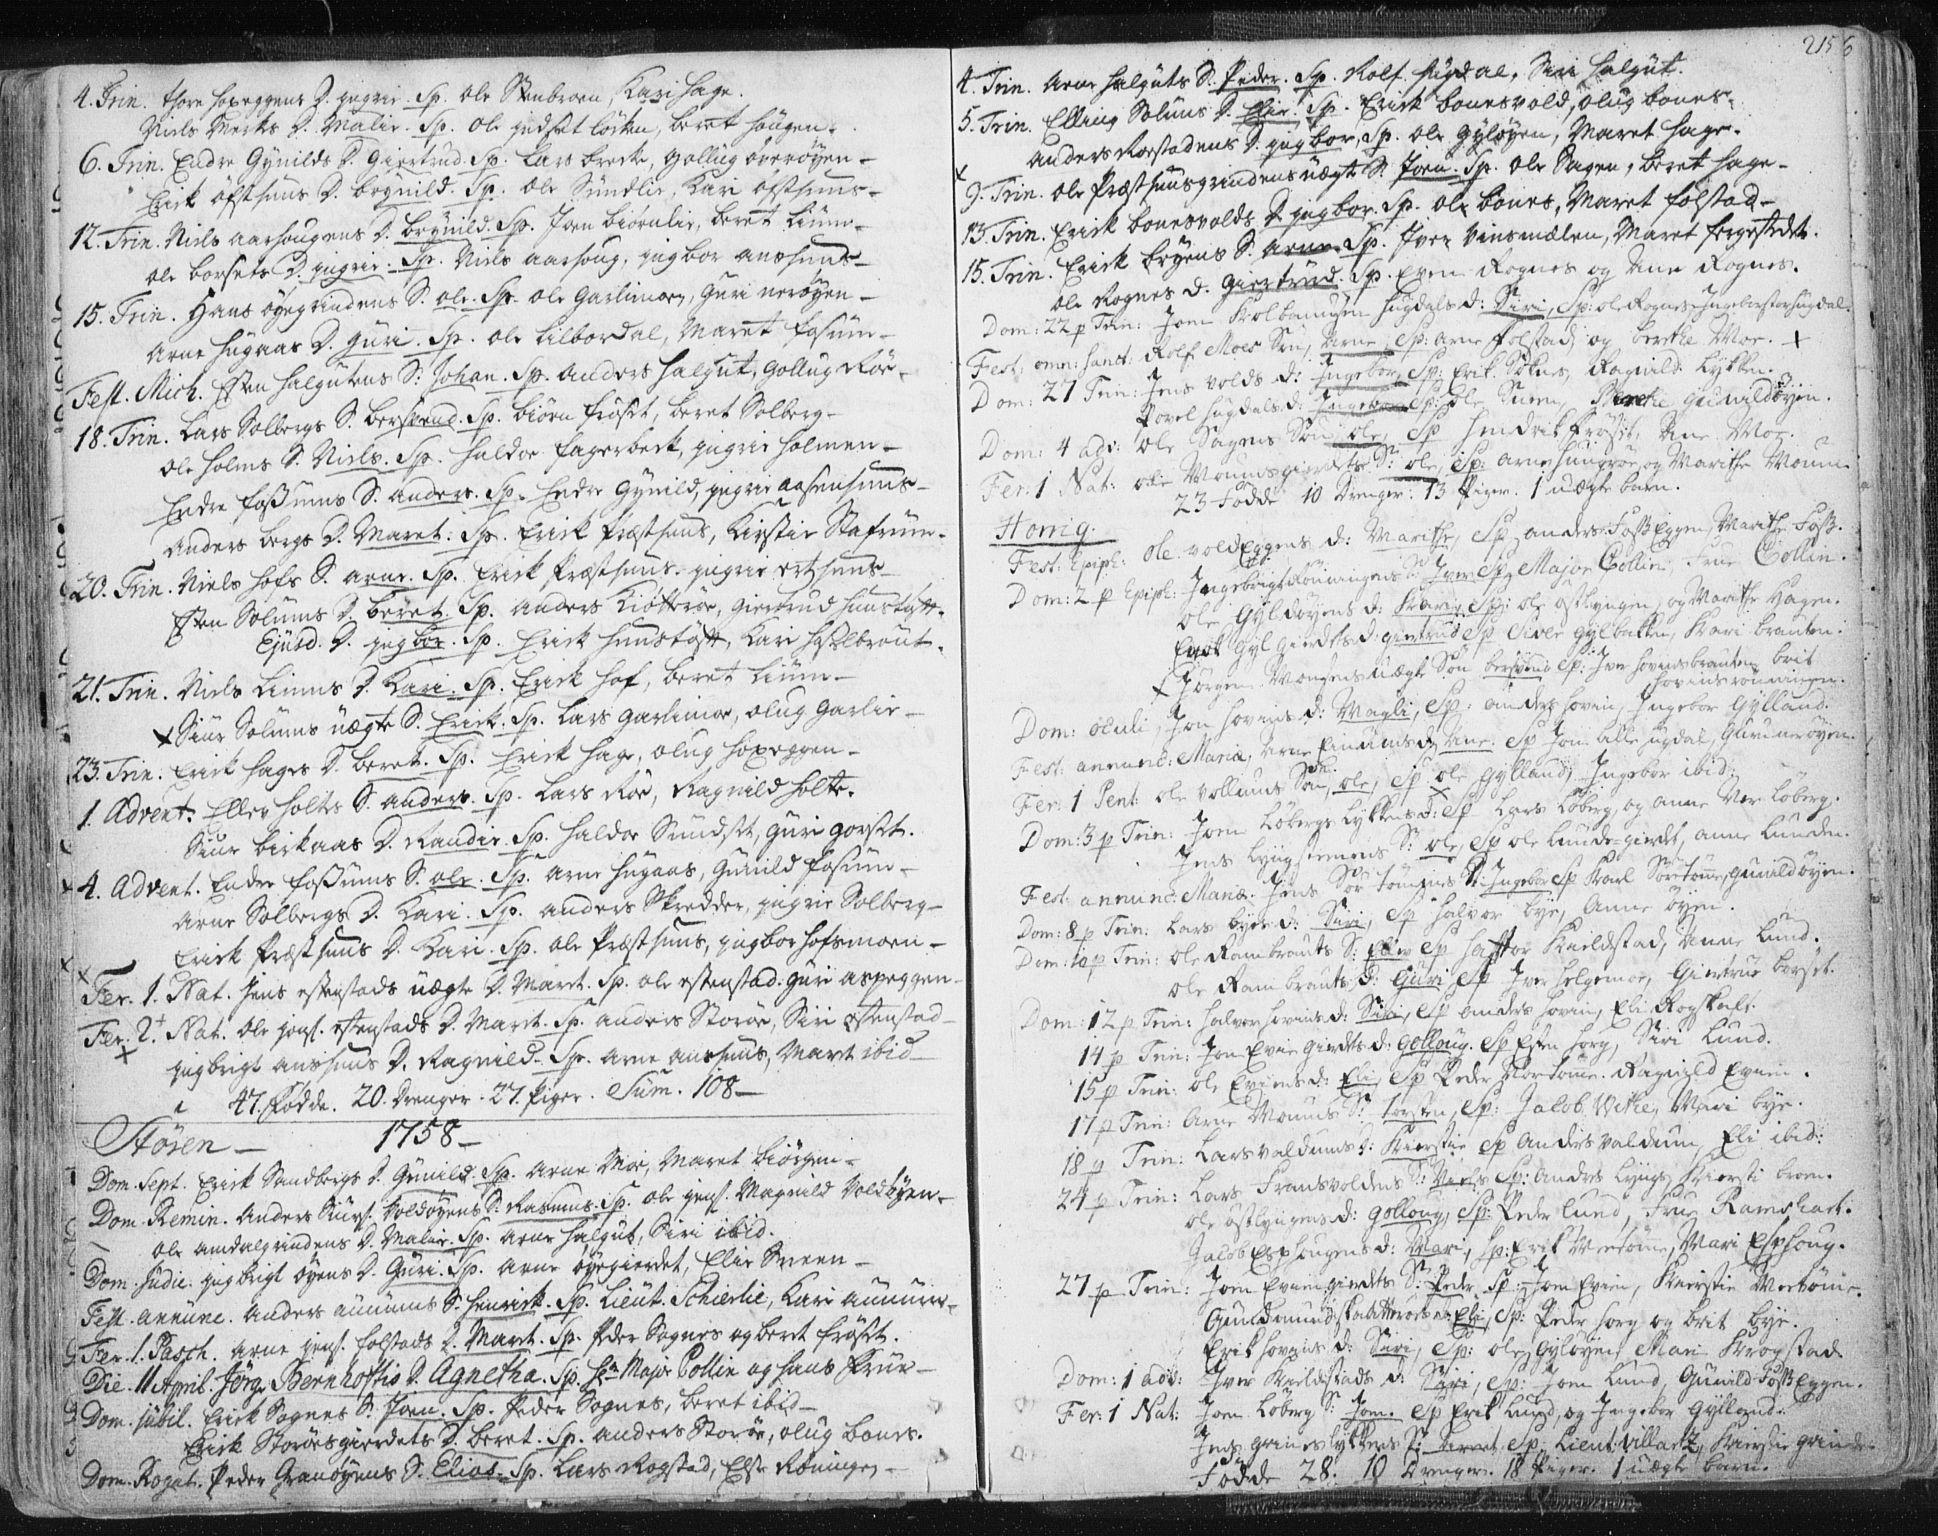 SAT, Ministerialprotokoller, klokkerbøker og fødselsregistre - Sør-Trøndelag, 687/L0991: Ministerialbok nr. 687A02, 1747-1790, s. 215